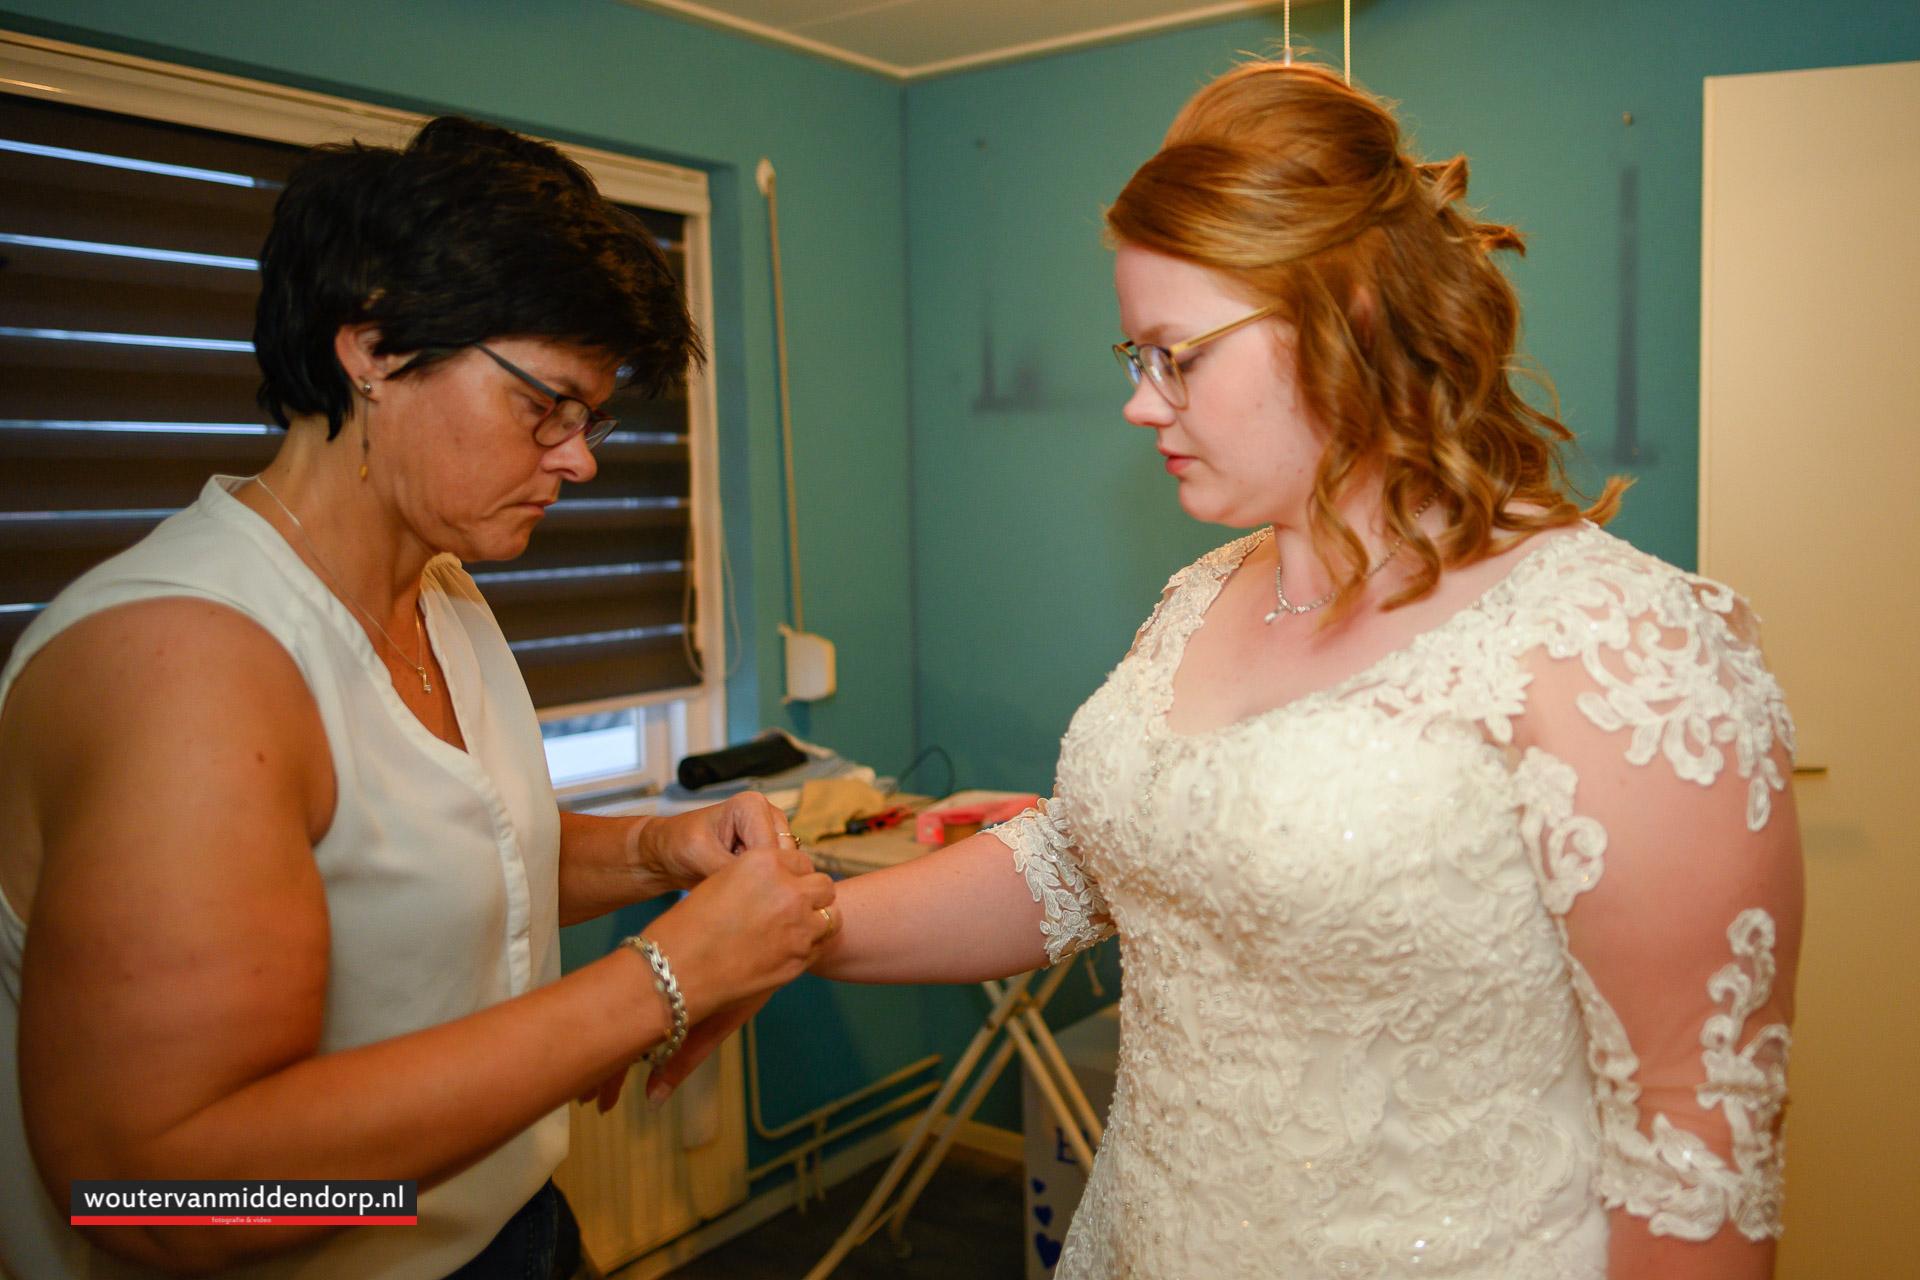 Wouter van Middendorp, trouwfotografie, bruidsfotografie, omgeving Uddel, Elspeet, Nunspeet, Barneveld, Putten